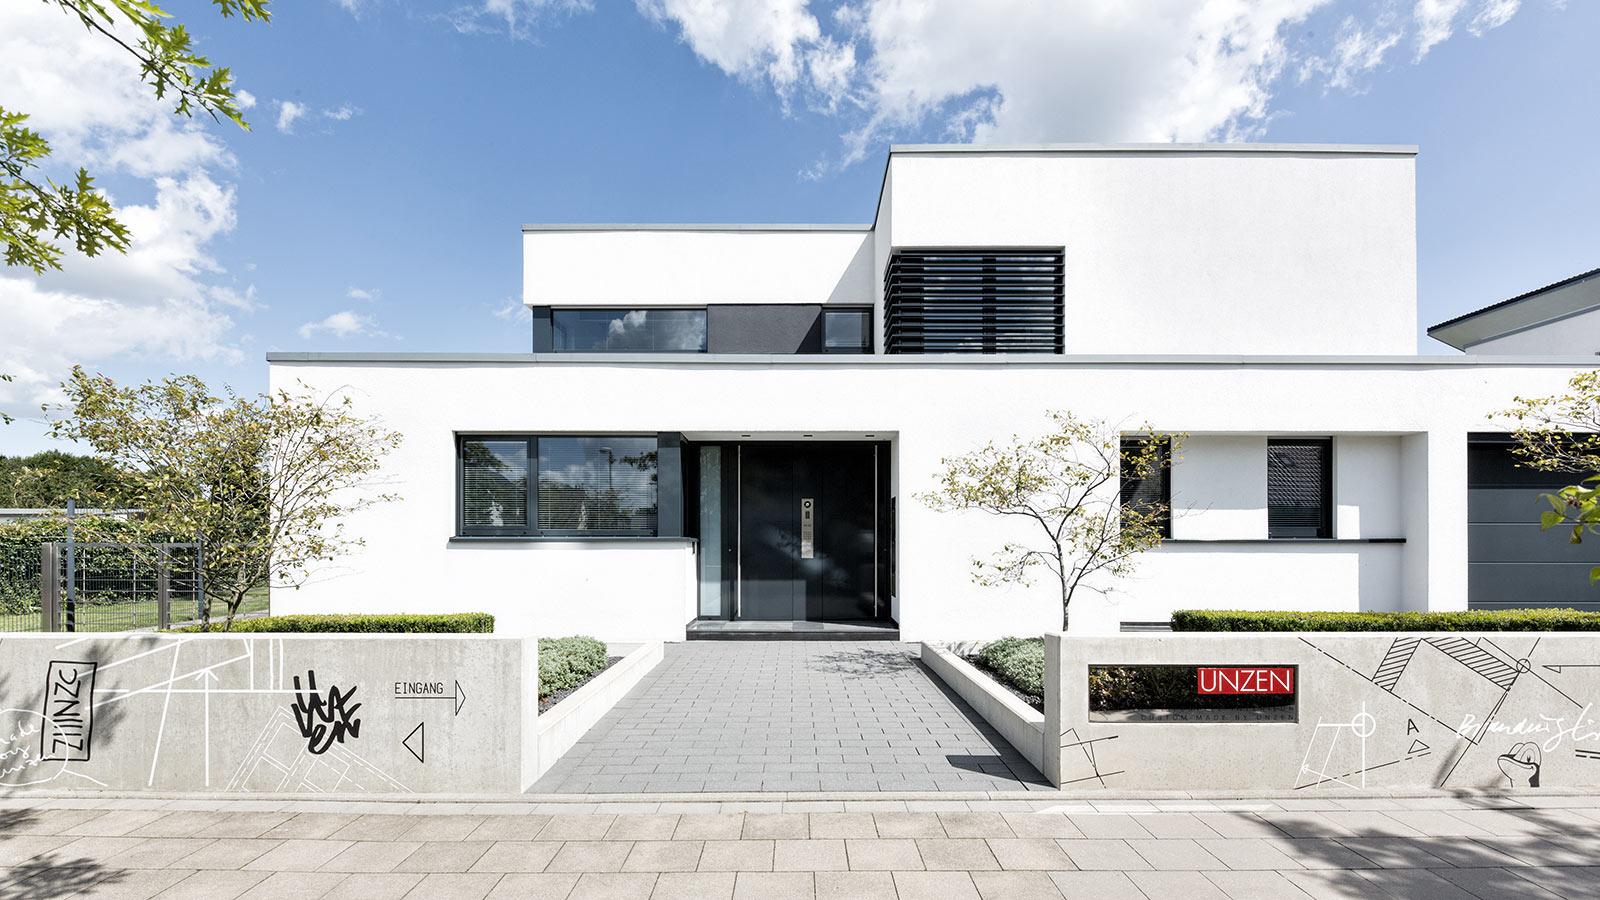 Unzen, Mönchengladbach - Unzen Architektur Architektur und ...